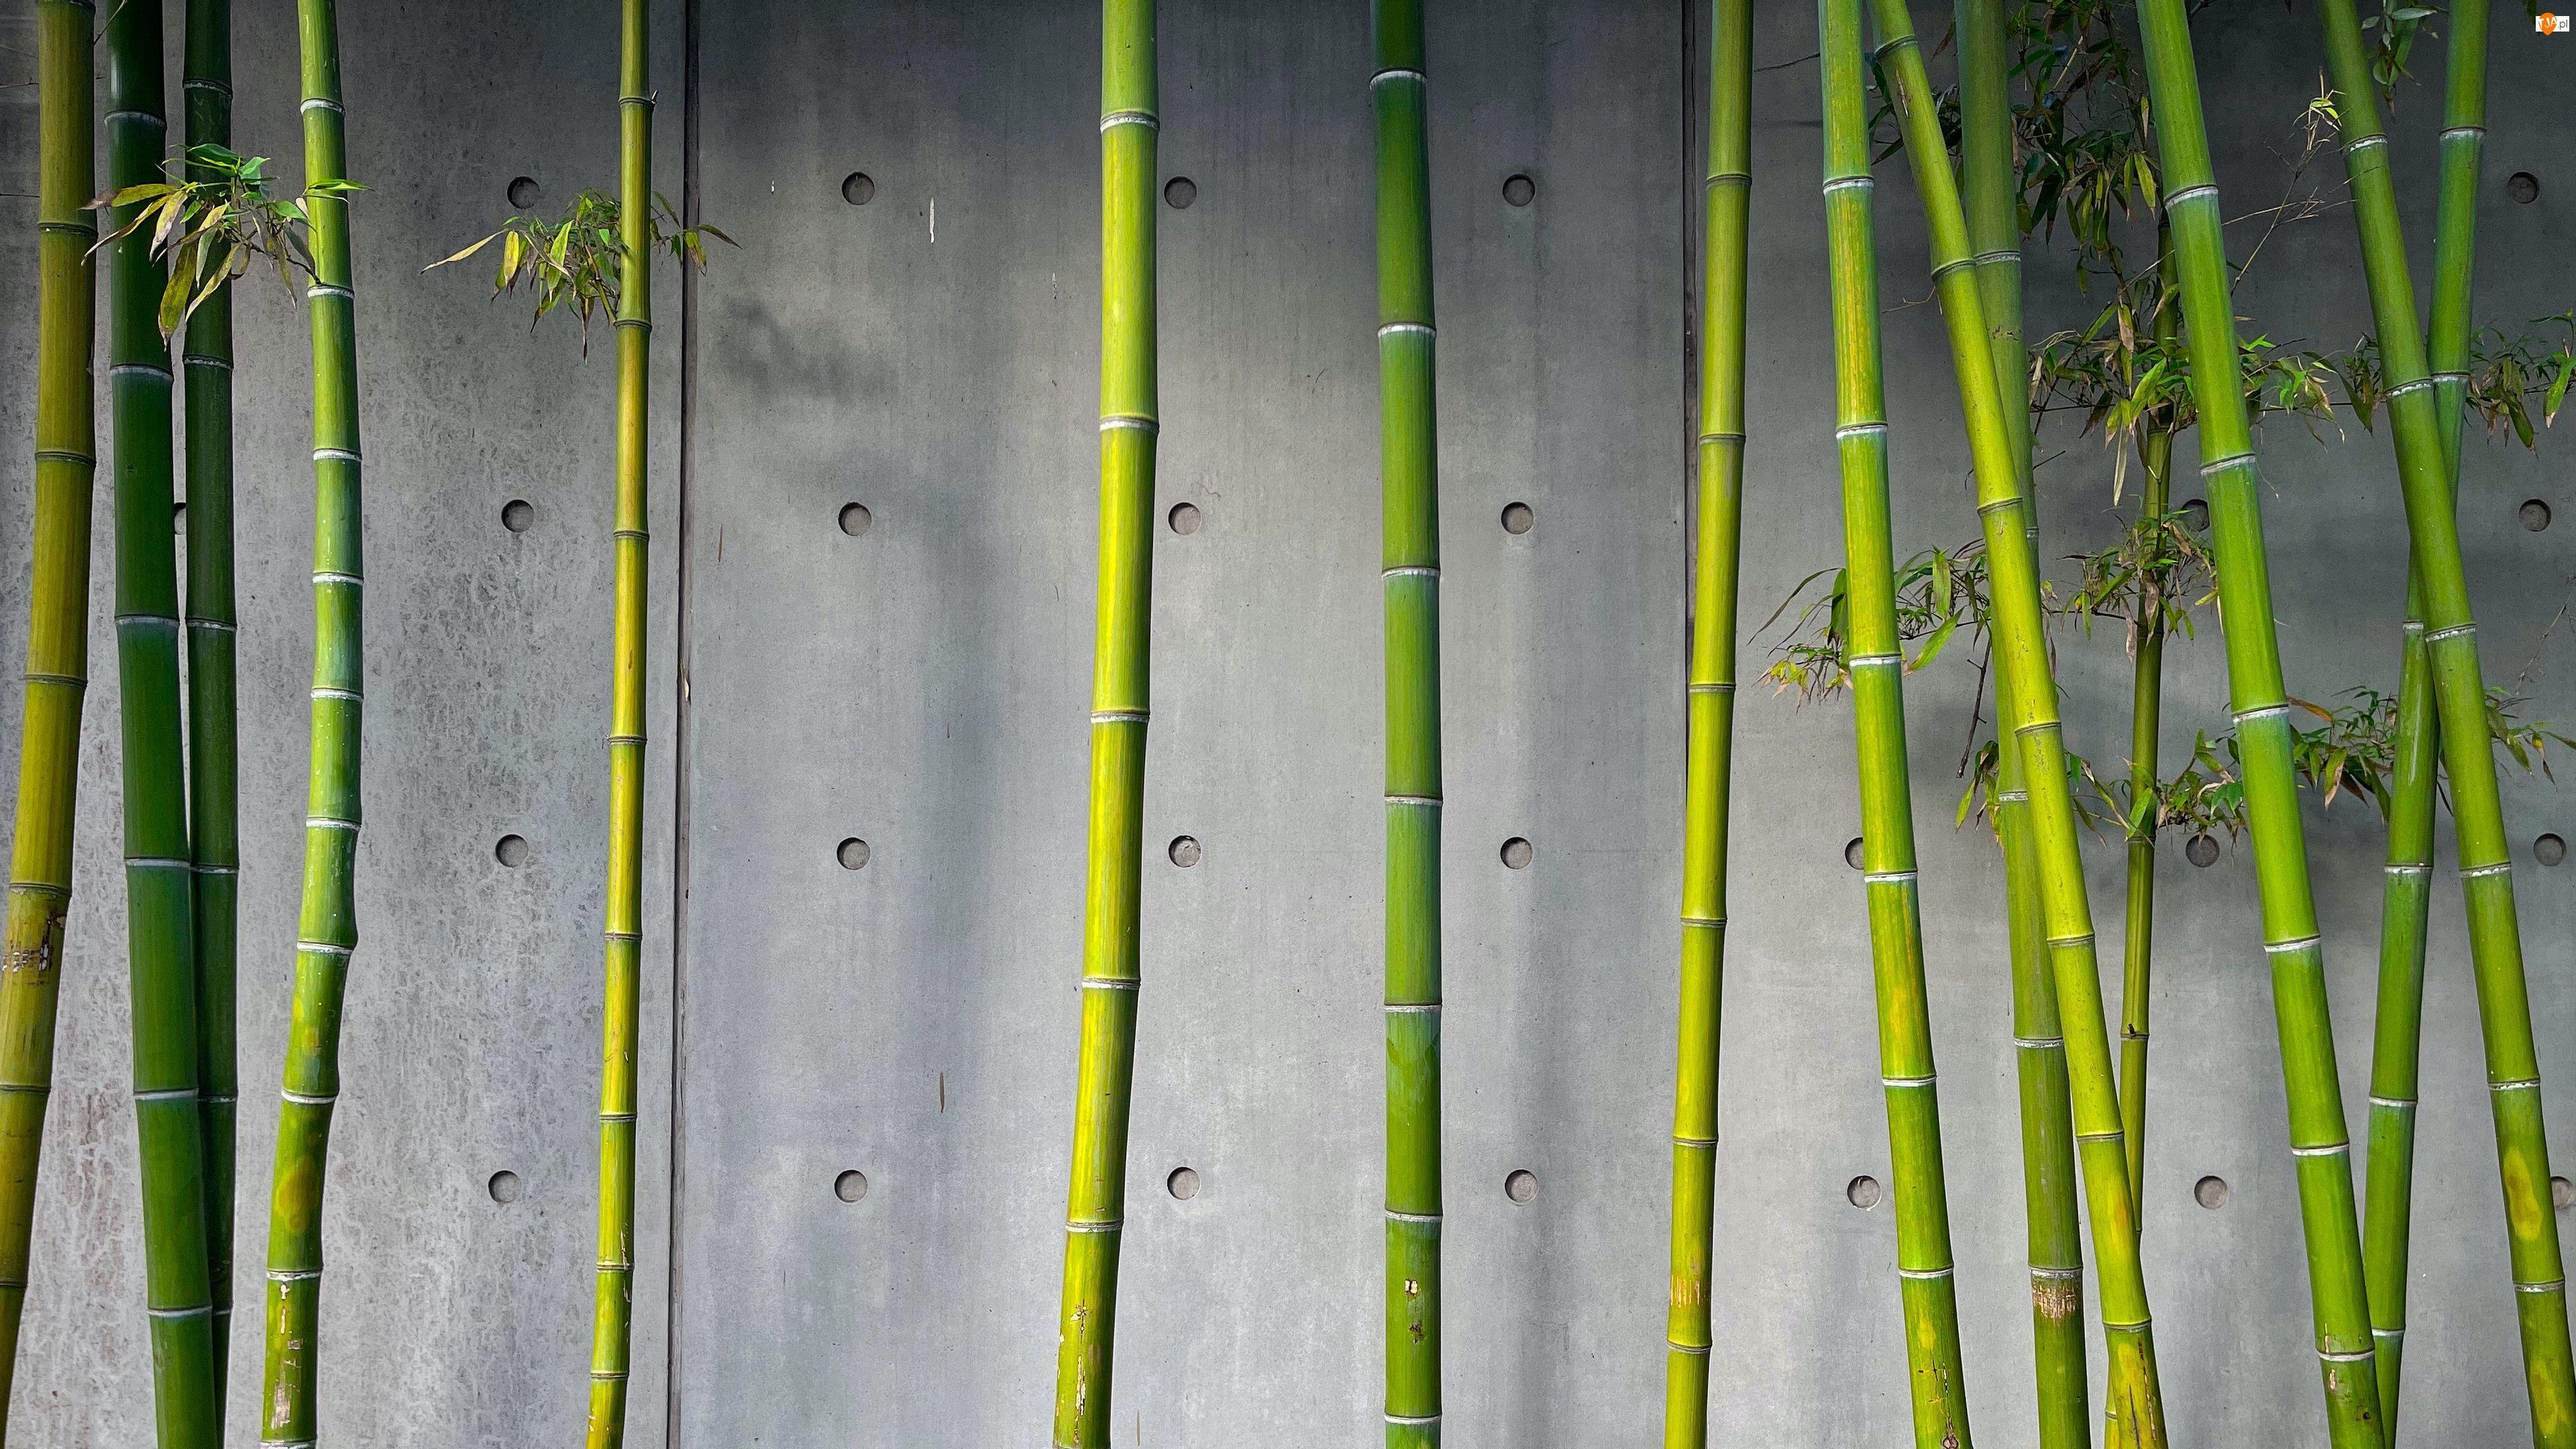 Ściana, Bambus, Łodygi, Roślina